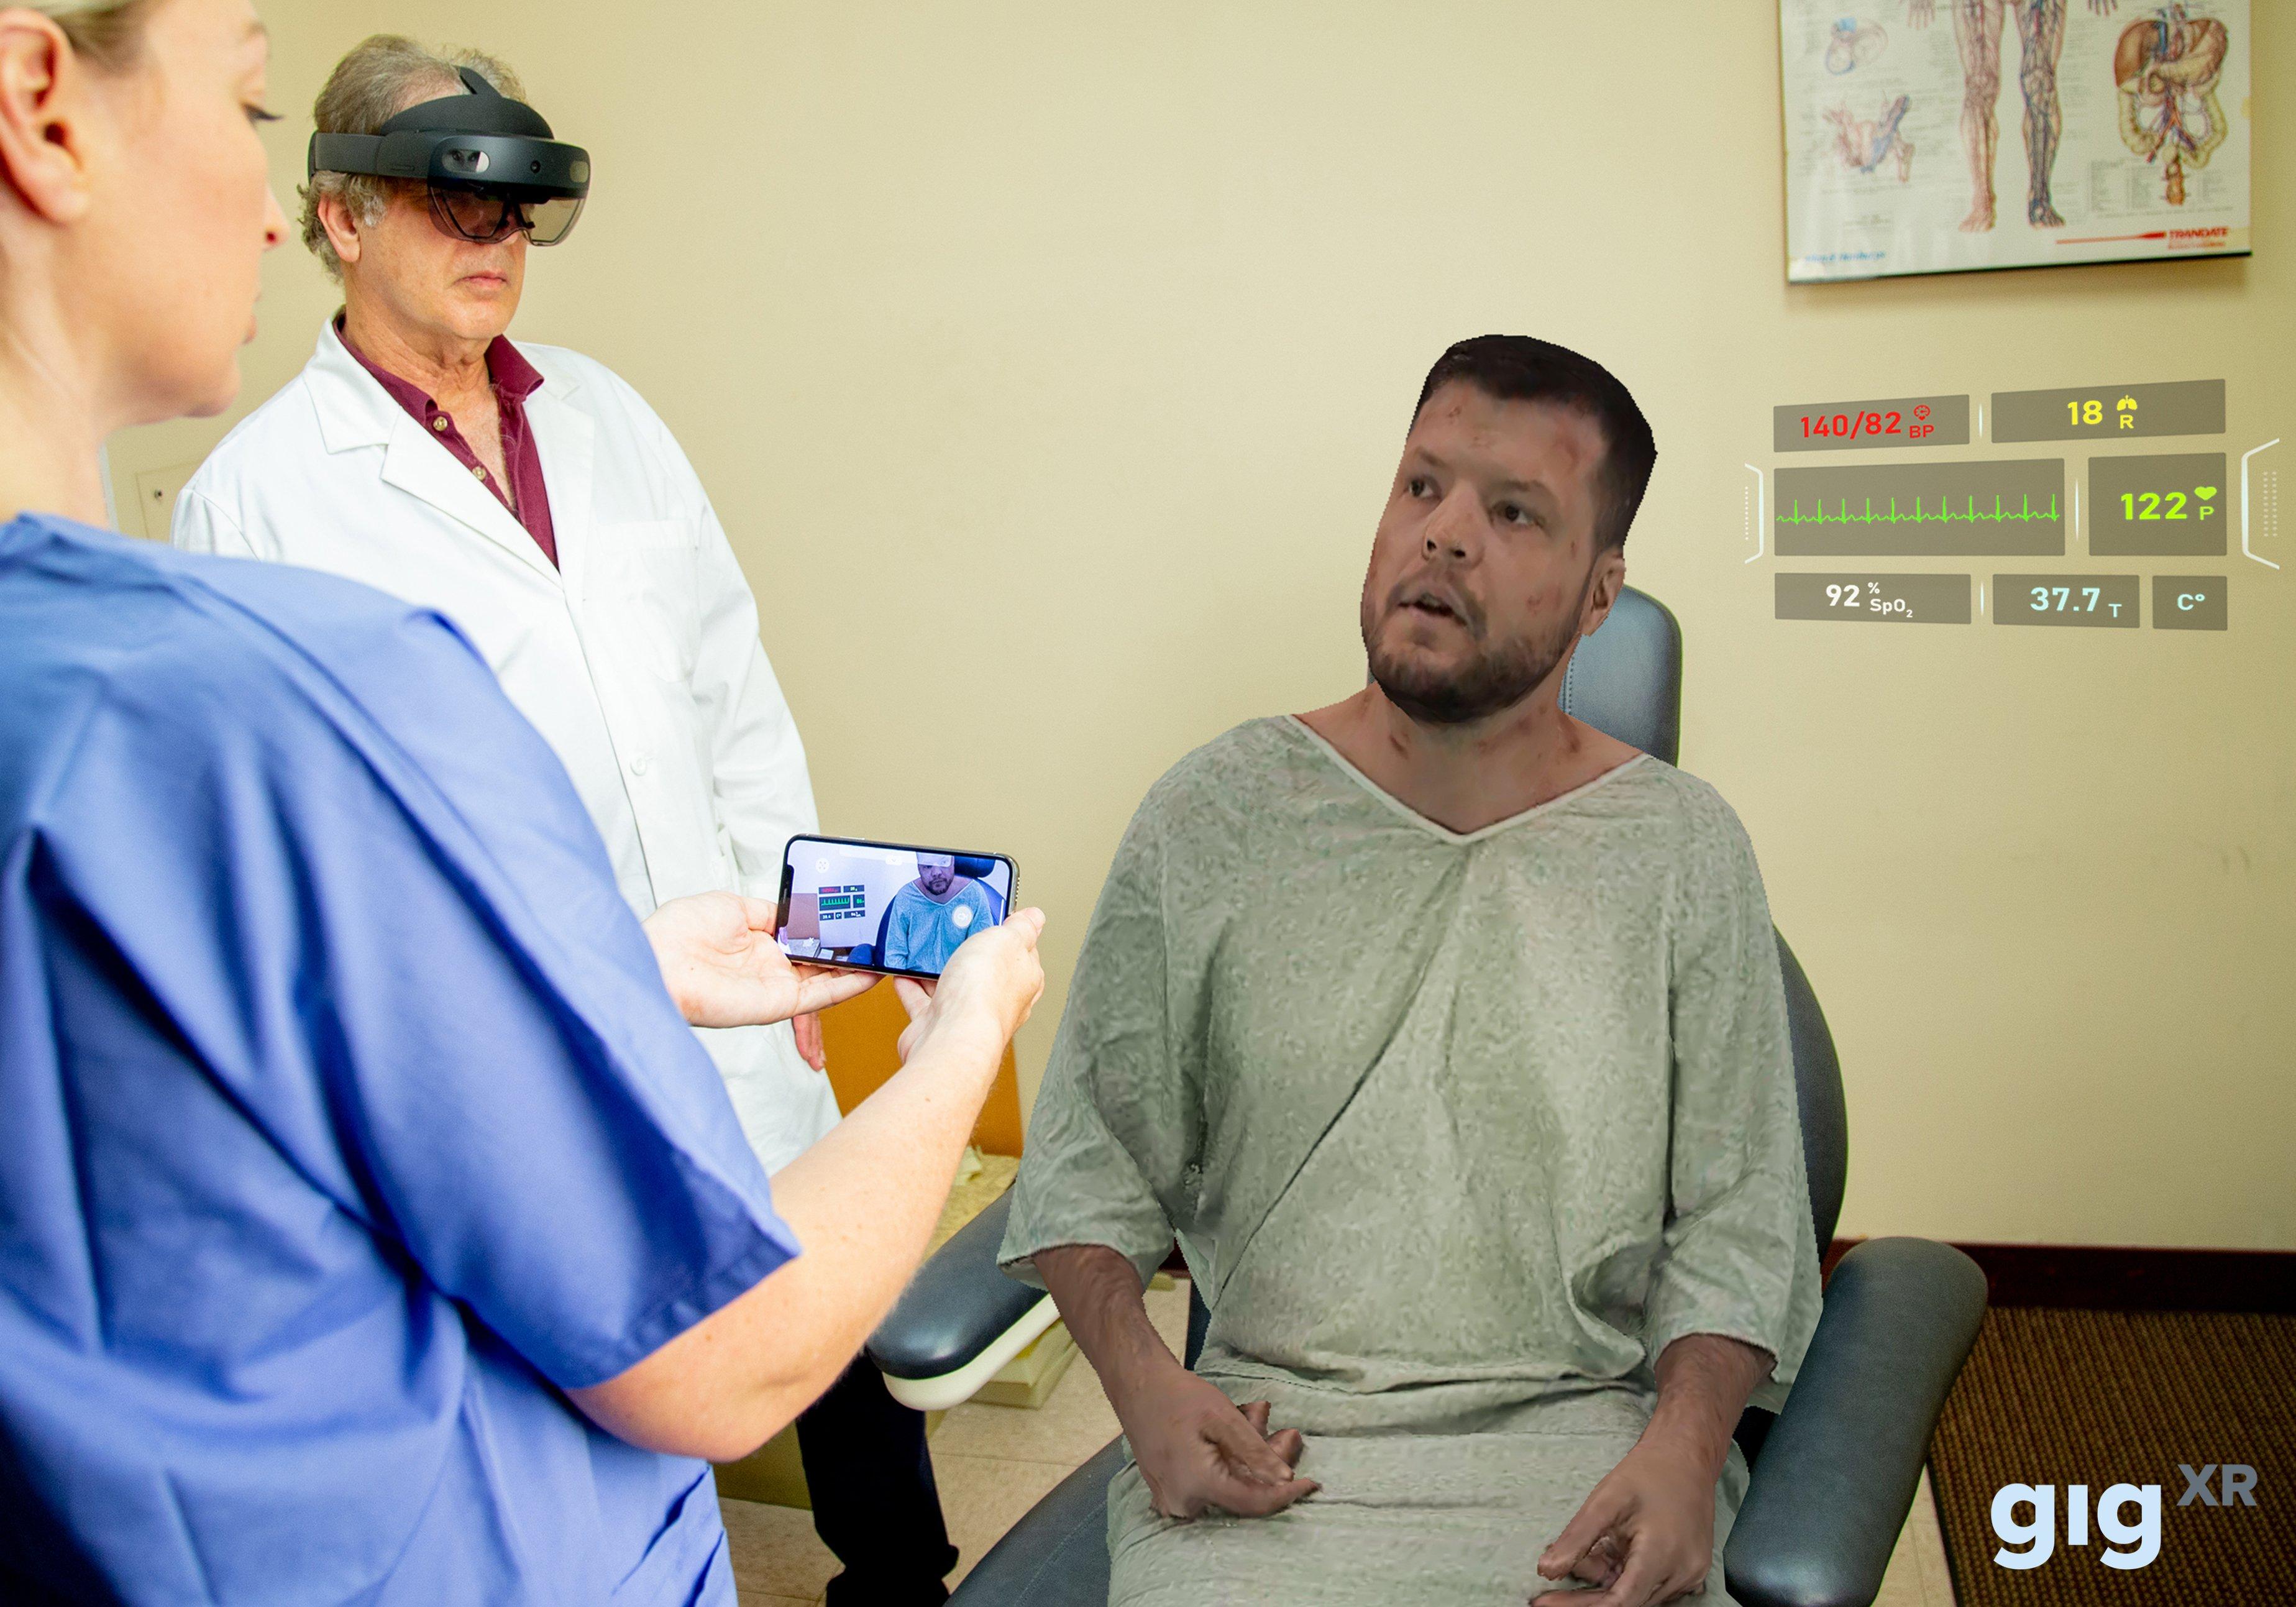 Holographic Standardized Patients